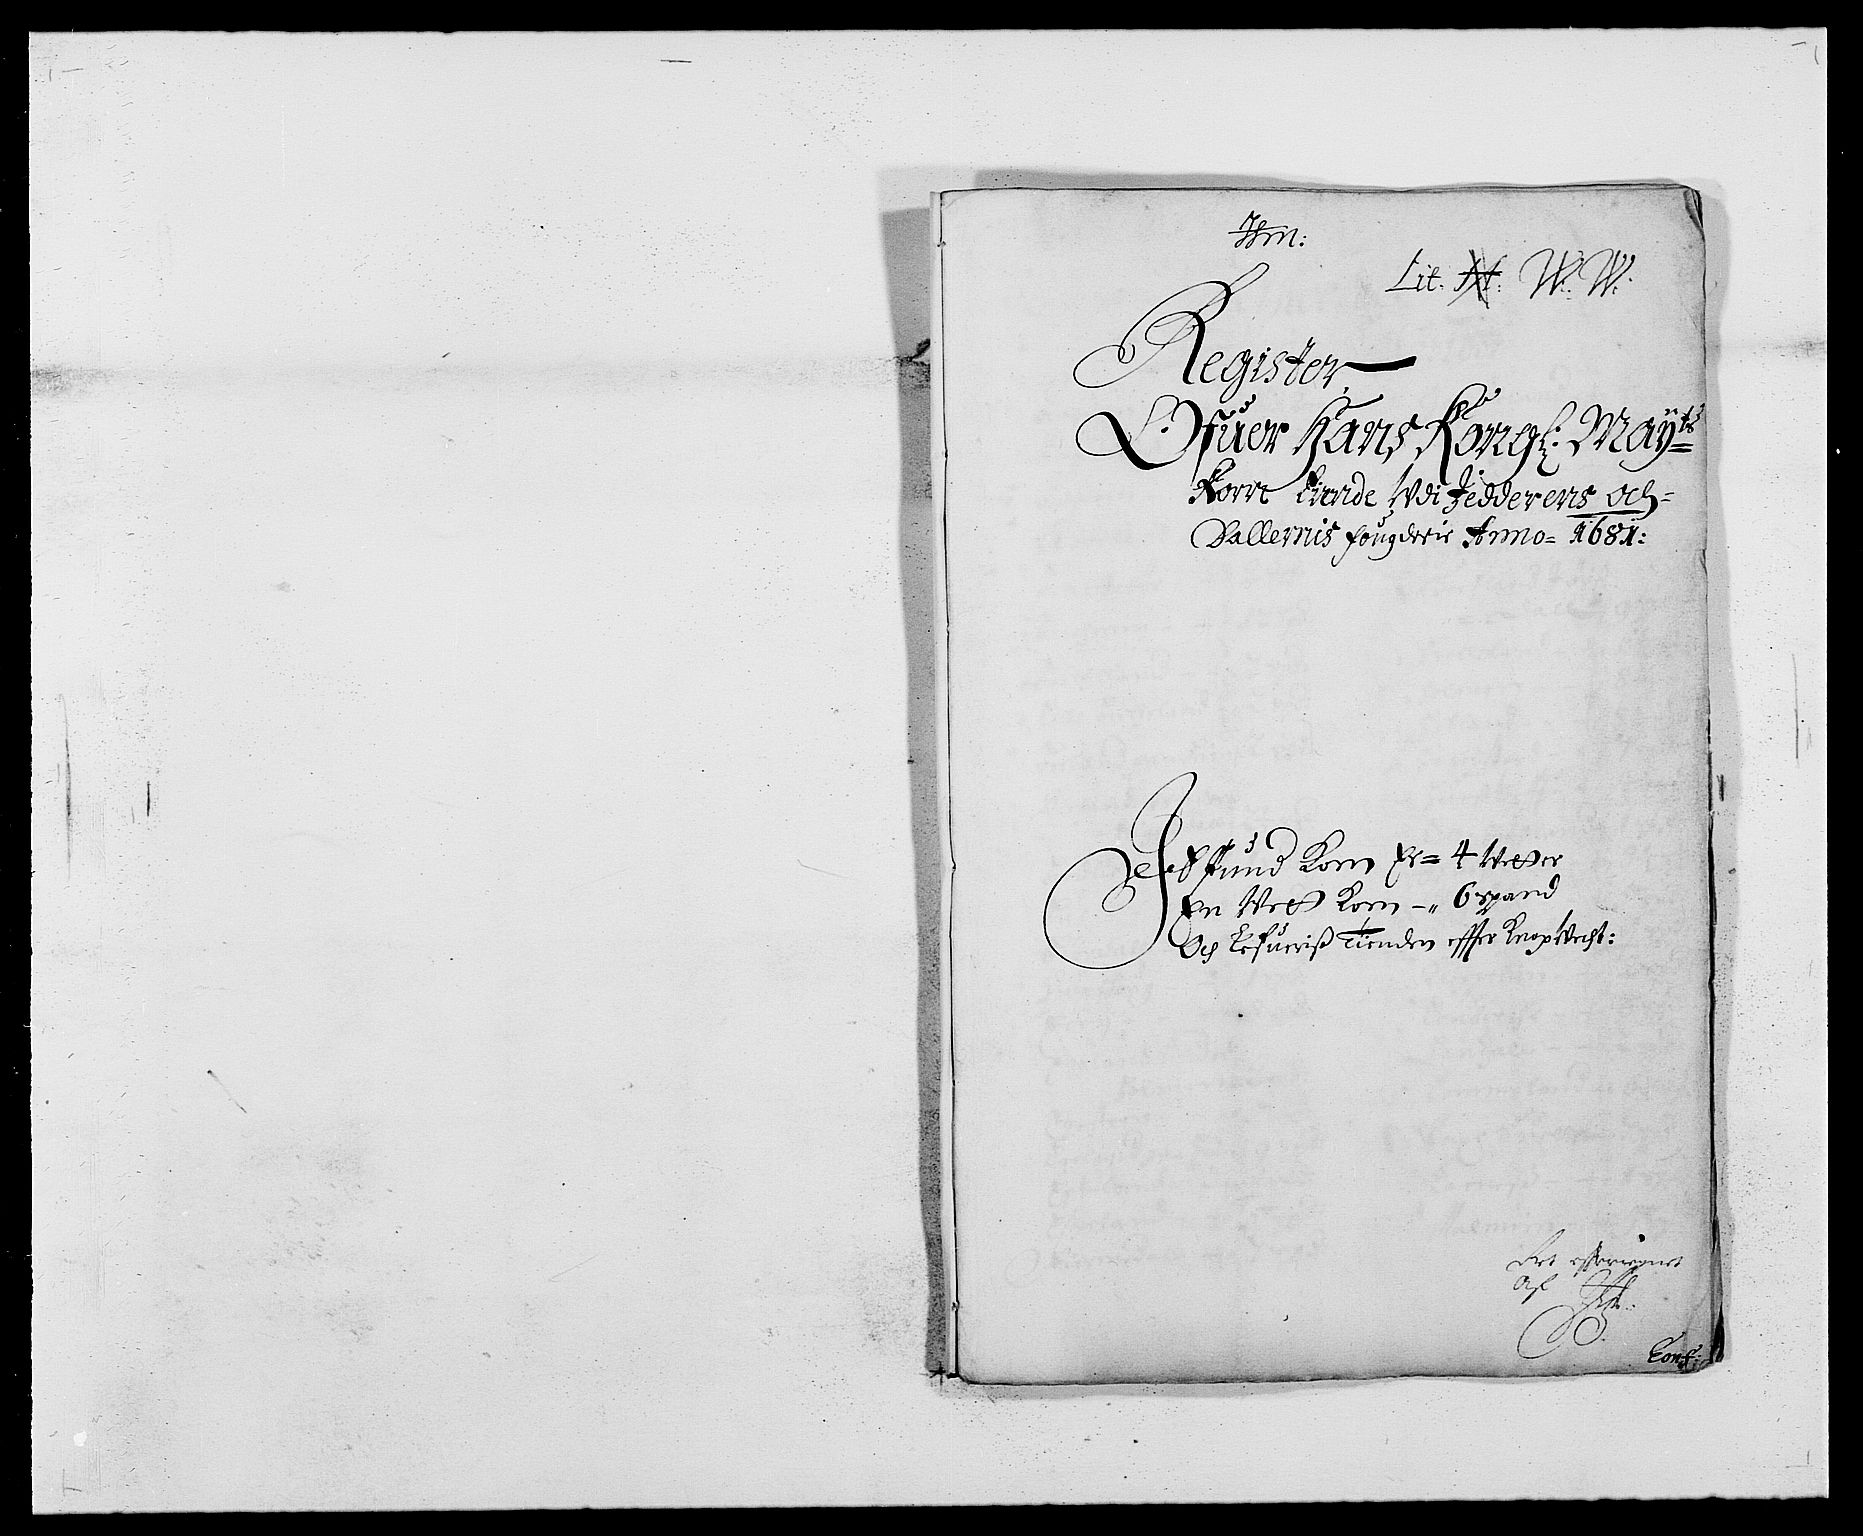 RA, Rentekammeret inntil 1814, Reviderte regnskaper, Fogderegnskap, R46/L2722: Fogderegnskap Jæren og Dalane, 1681, s. 134